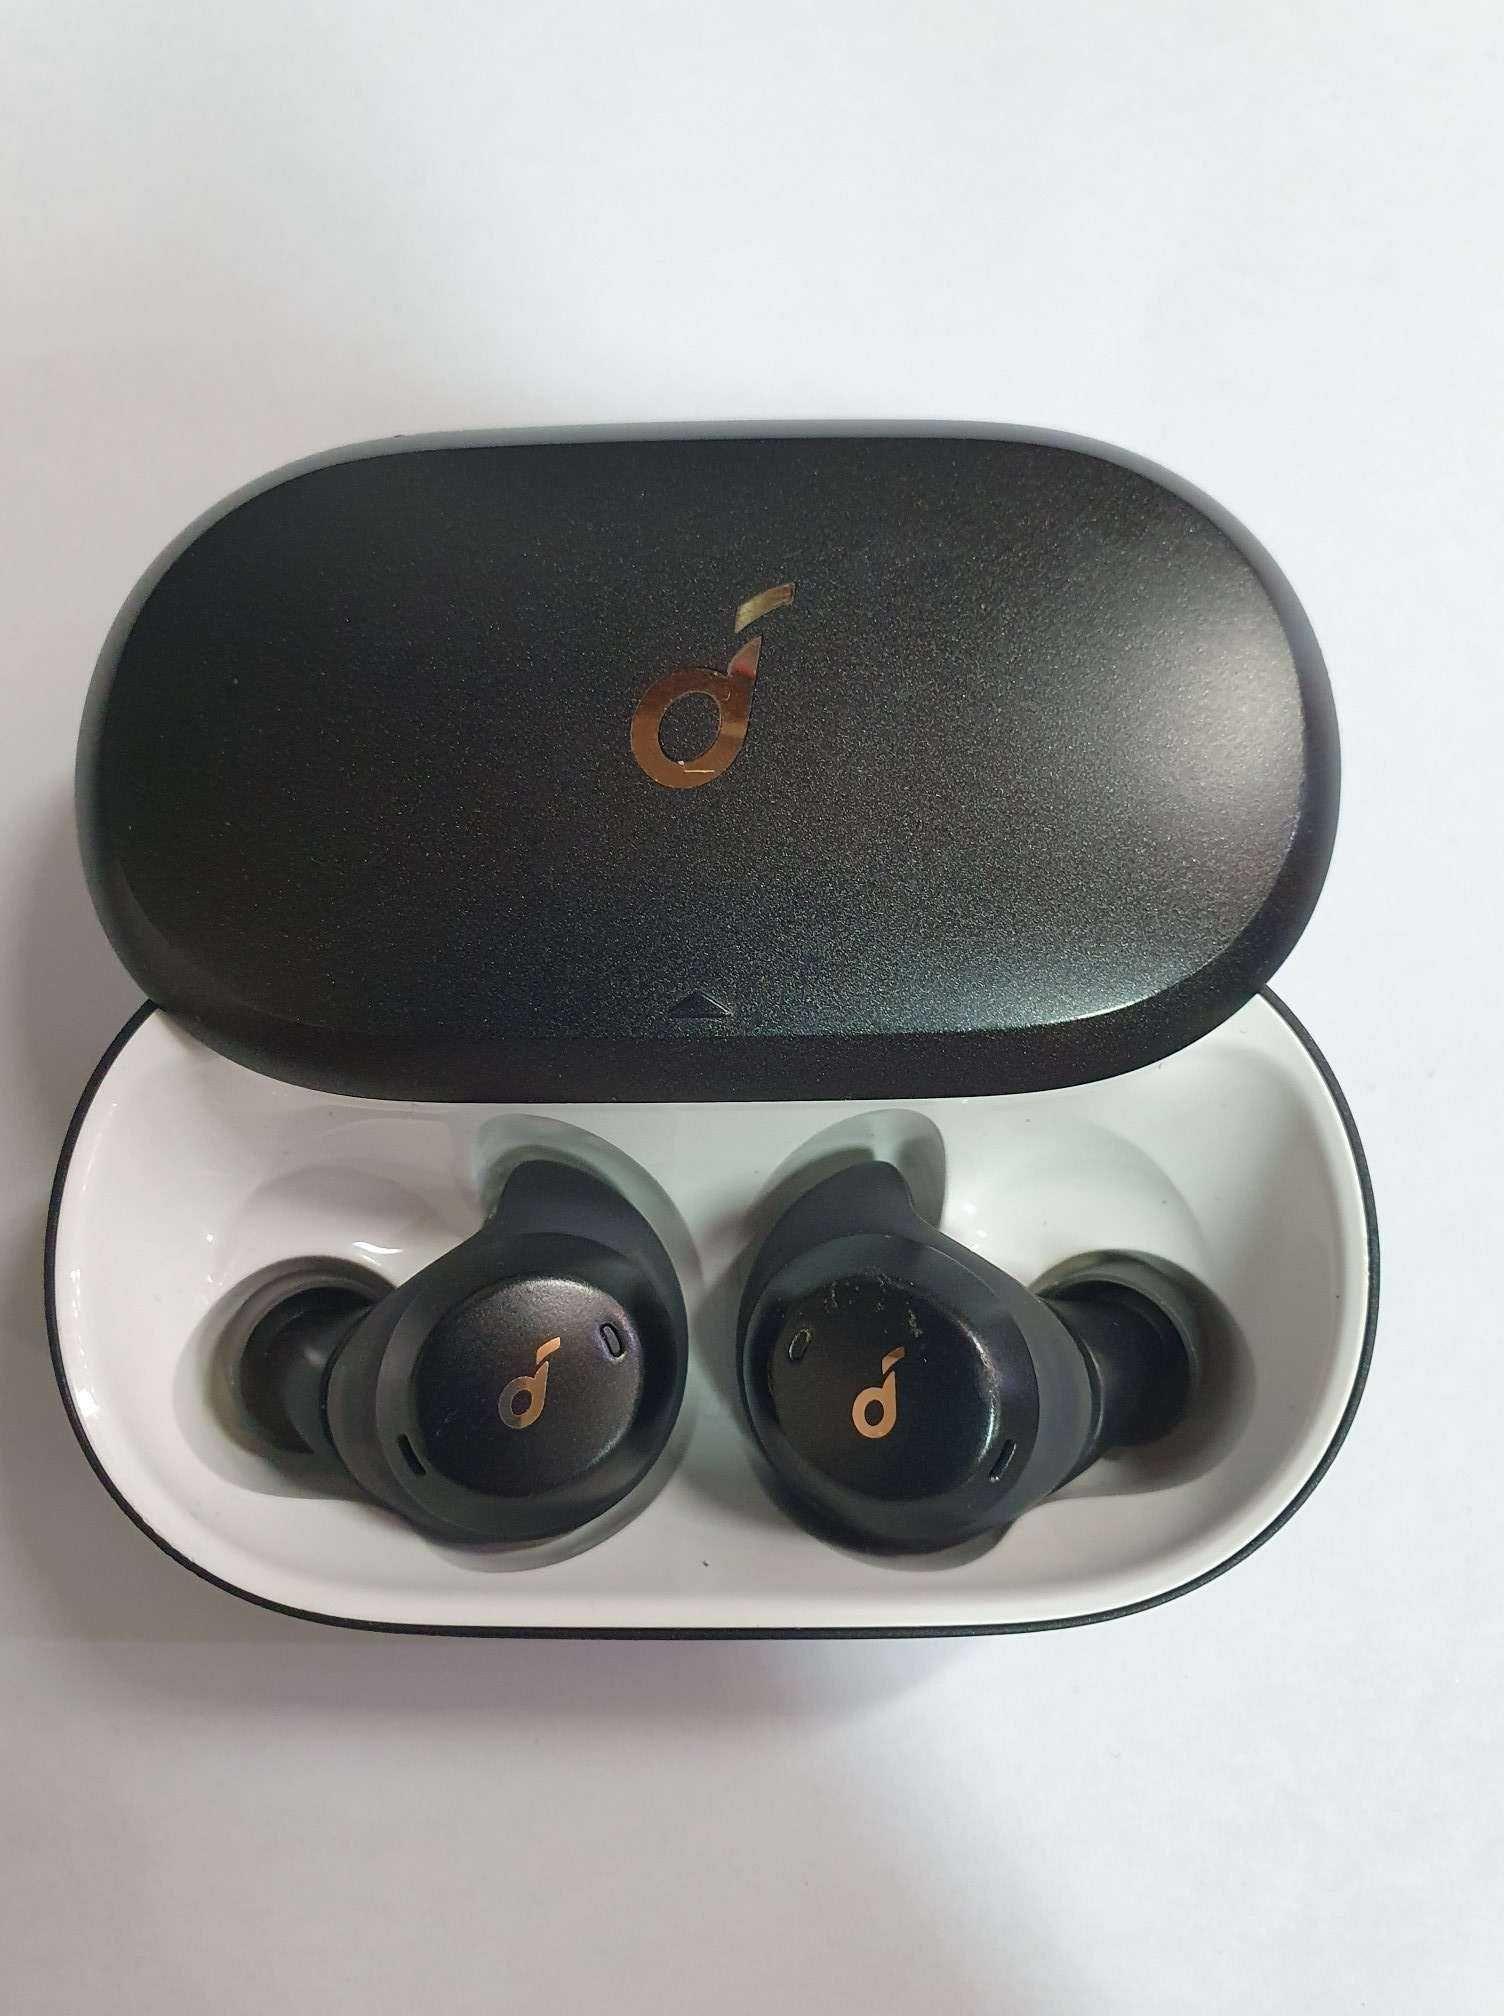 OKAZJA słuchawki bezprzewodowe Soundcore Spirit Dot 2 lombard Madej sc